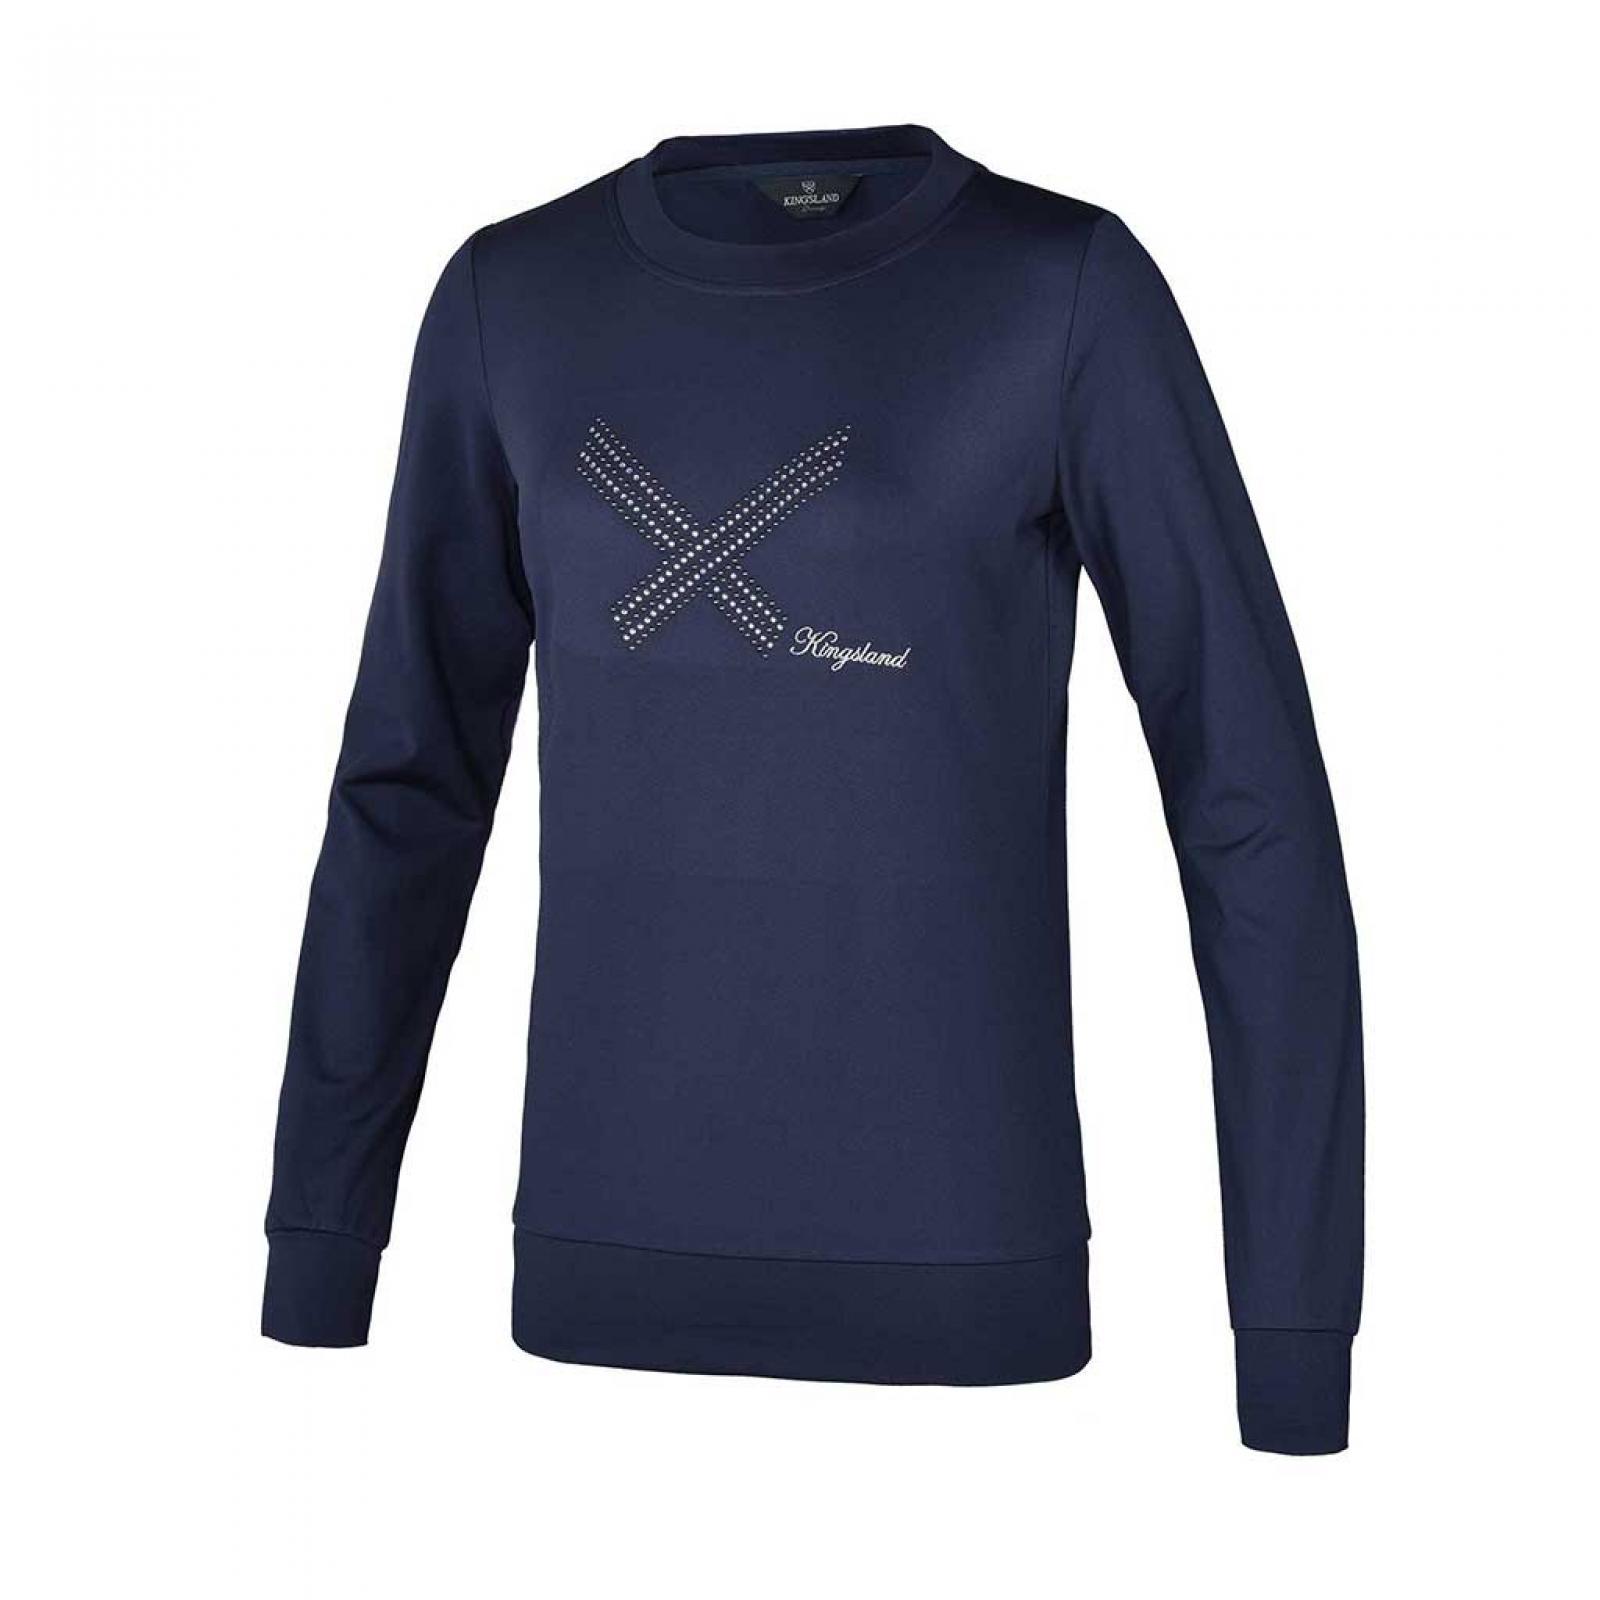 Kingsland Scarlette Sweatshirt Jumper